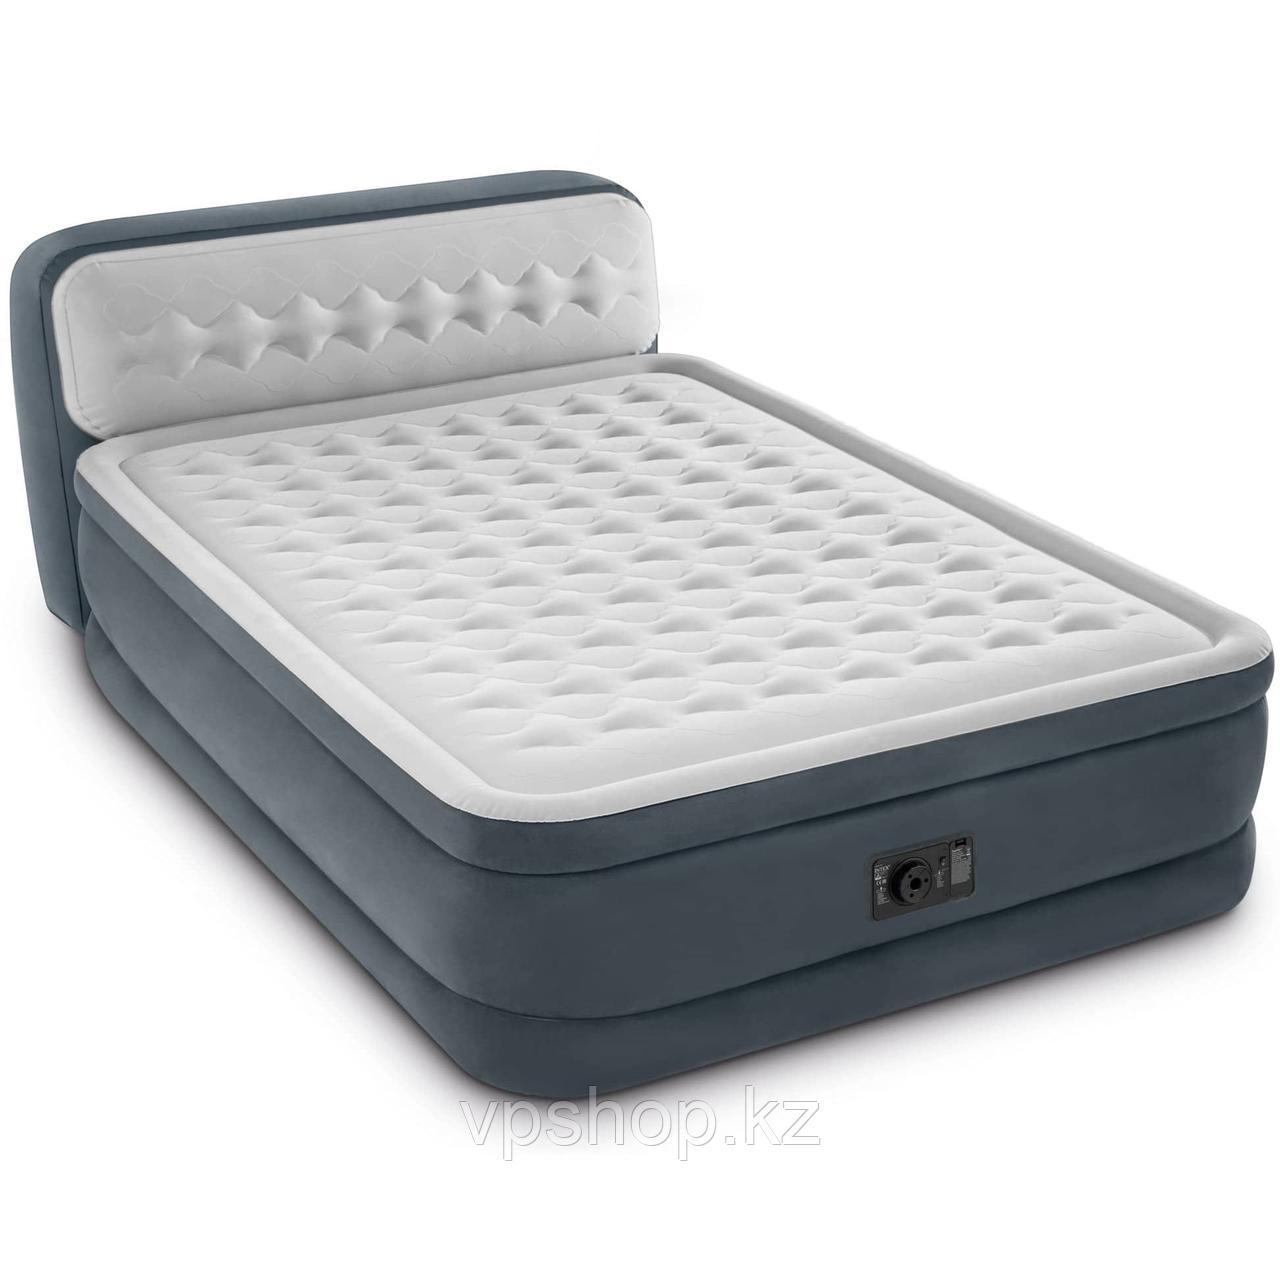 Intex 64448 Кровать надувная двуспальная со спинкой и встренным насосом 220В (152х236х86см)